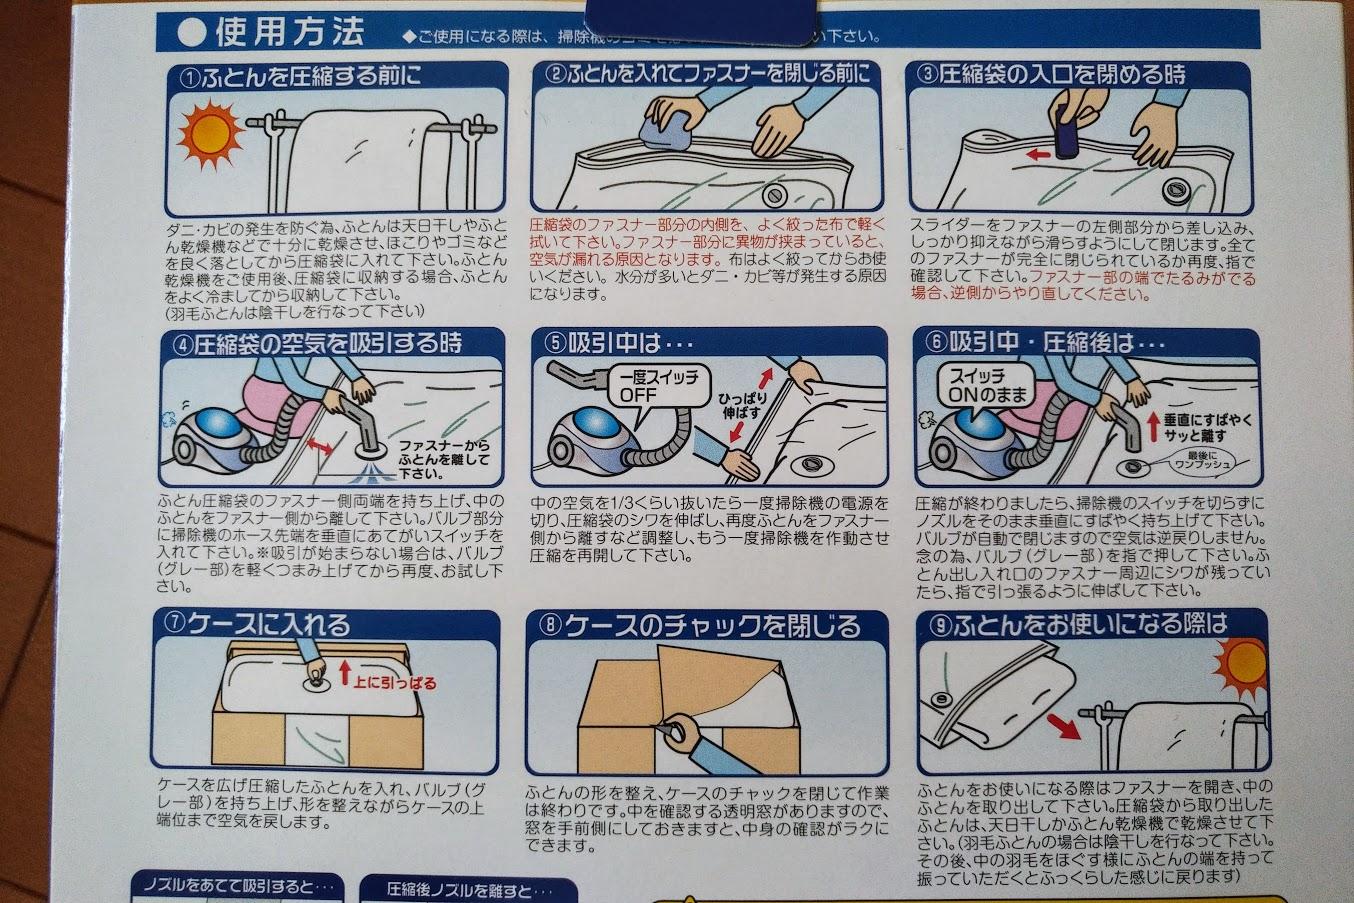 布団圧縮袋使用方法